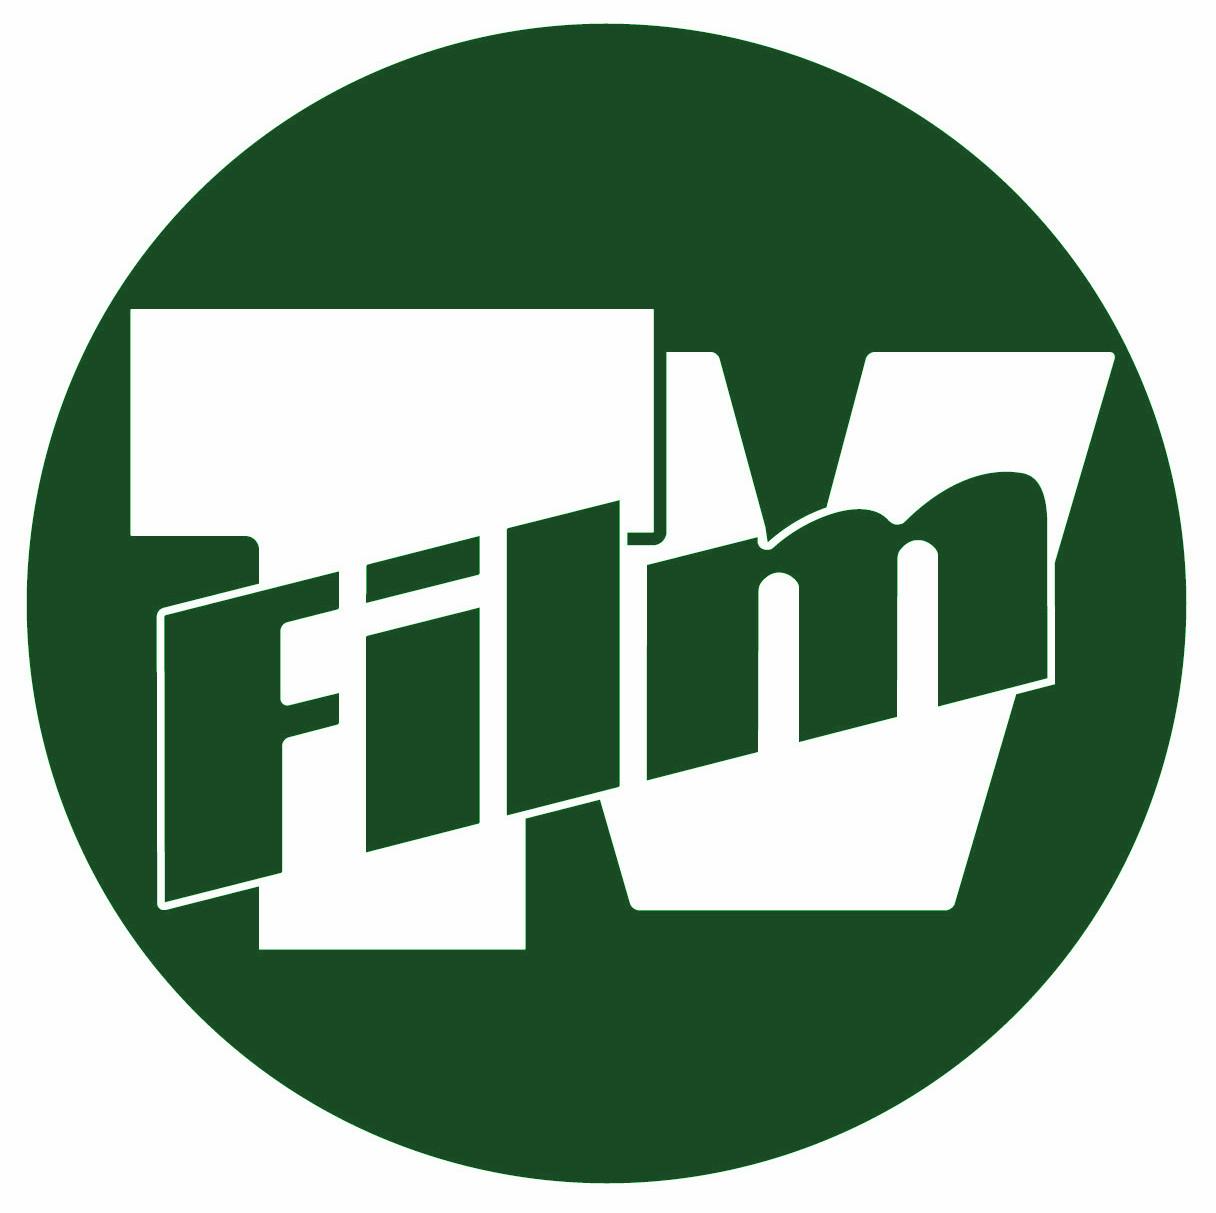 logo flat crop verde.jpg